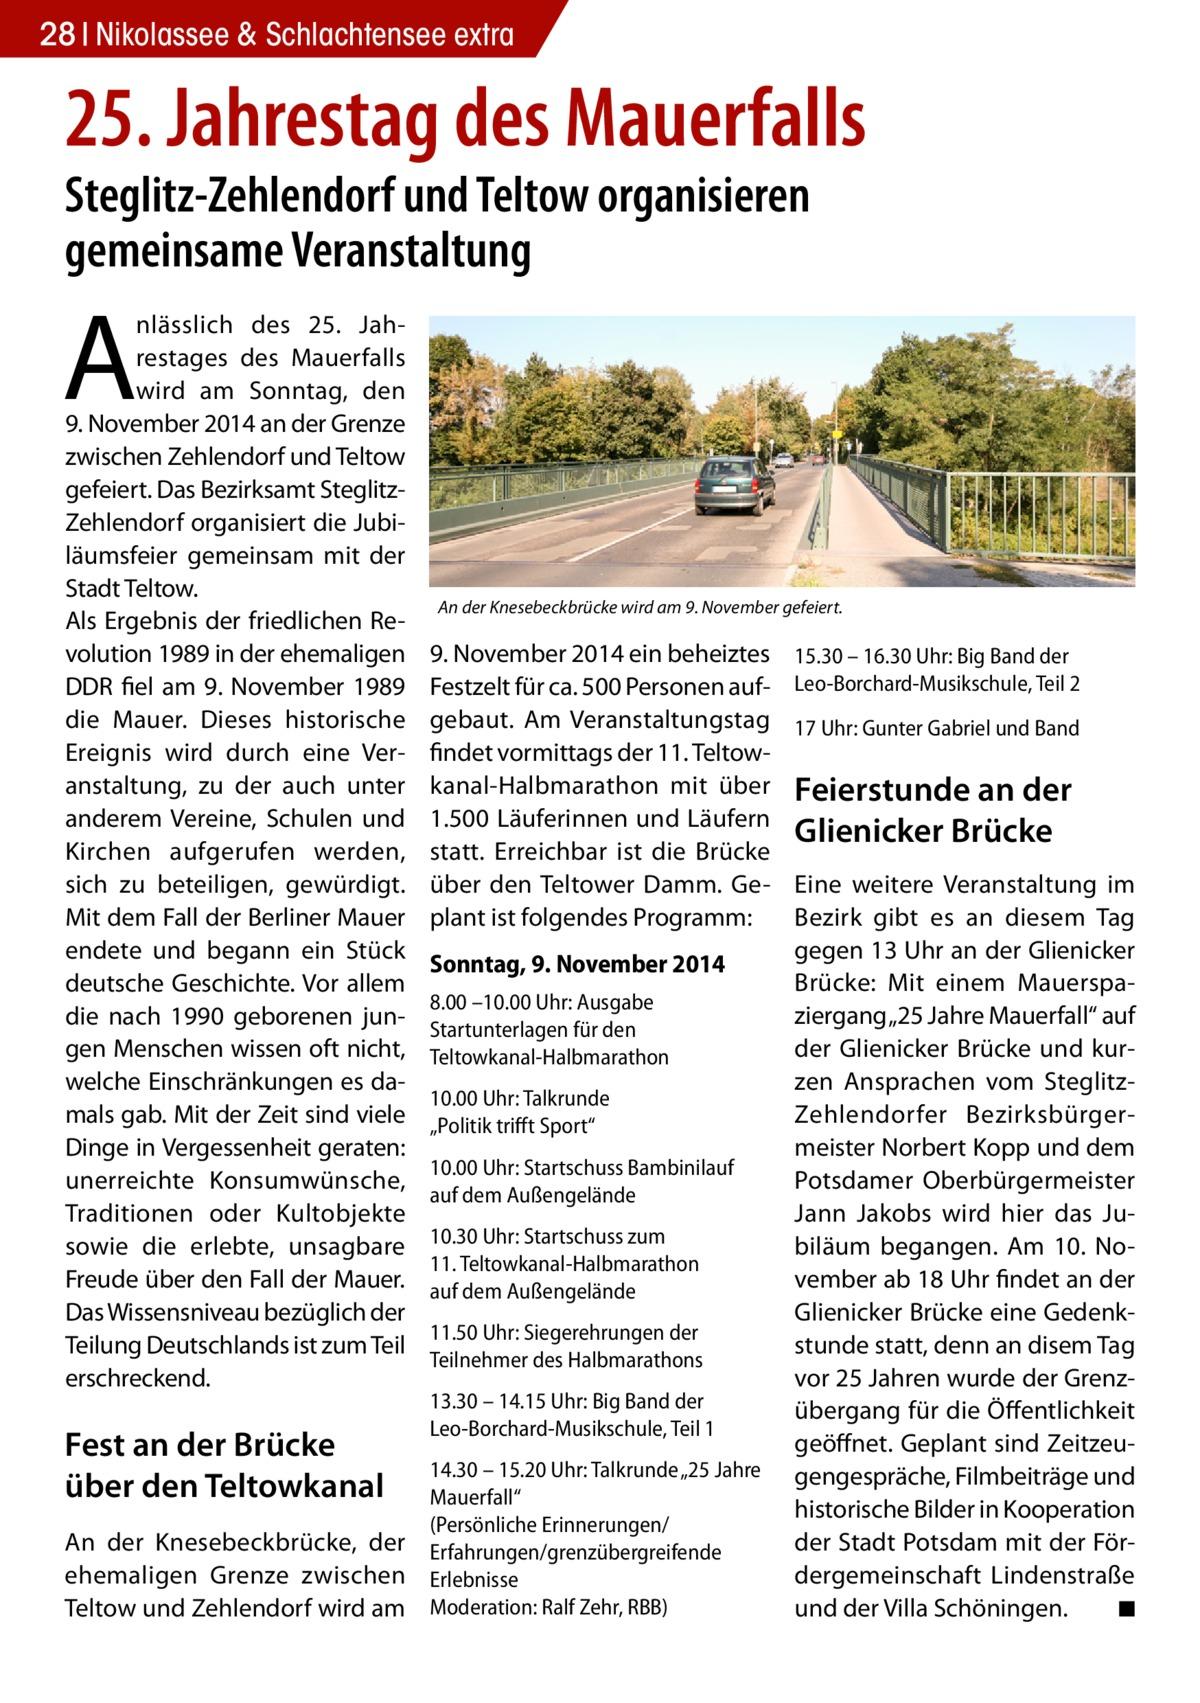 """28 Nikolassee & Schlachtensee extra  25. Jahrestag des Mauerfalls Steglitz-Zehlendorf und Teltow organisieren gemeinsame Veranstaltung  A  nlässlich des 25. Jahrestages des Mauerfalls wird am Sonntag, den 9.November 2014 an der Grenze zwischen Zehlendorf und Teltow gefeiert. Das Bezirksamt SteglitzZehlendorf organisiert die Jubiläumsfeier gemeinsam mit der Stadt Teltow. Als Ergebnis der friedlichen Revolution 1989 in der ehemaligen DDR fiel am 9. November 1989 die Mauer. Dieses historische Ereignis wird durch eine Veranstaltung, zu der auch unter anderem Vereine, Schulen und Kirchen aufgerufen werden, sich zu beteiligen, gewürdigt. Mit dem Fall der Berliner Mauer endete und begann ein Stück deutsche Geschichte. Vor allem die nach 1990 geborenen jungen Menschen wissen oft nicht, welche Einschränkungen es damals gab. Mit der Zeit sind viele Dinge in Vergessenheit geraten: unerreichte Konsumwünsche, Traditionen oder Kultobjekte sowie die erlebte, unsagbare Freude über den Fall der Mauer. Das Wissensniveau bezüglich der Teilung Deutschlands ist zum Teil erschreckend.  Fest an der Brücke über den Teltowkanal An der Knesebeckbrücke, der ehemaligen Grenze zwischen Teltow und Zehlendorf wird am  An der Knesebeckbrücke wird am 9. November gefeiert.  9.November 2014 ein beheiztes Festzelt für ca. 500 Personen aufgebaut. Am Veranstaltungstag findet vormittags der 11. Teltowkanal-Halbmarathon mit über 1.500 Läuferinnen und Läufern statt. Erreichbar ist die Brücke über den Teltower Damm. Geplant ist folgendes Programm: Sonntag, 9. November 2014 8.00 –10.00 Uhr: Ausgabe Startunterlagen für den Teltowkanal-Halbmarathon 10.00 Uhr: Talkrunde """"Politik trifft Sport"""" 10.00 Uhr: Startschuss Bambinilauf auf dem Außengelände 10.30 Uhr: Startschuss zum 11.Teltowkanal-Halbmarathon auf dem Außengelände 11.50 Uhr: Siegerehrungen der Teilnehmer des Halbmarathons 13.30 – 14.15 Uhr: Big Band der Leo-Borchard-Musikschule, Teil 1 14.30 – 15.20 Uhr: Talkrunde """"25 Jahre Mauerfall"""" (Persönliche Erinn"""